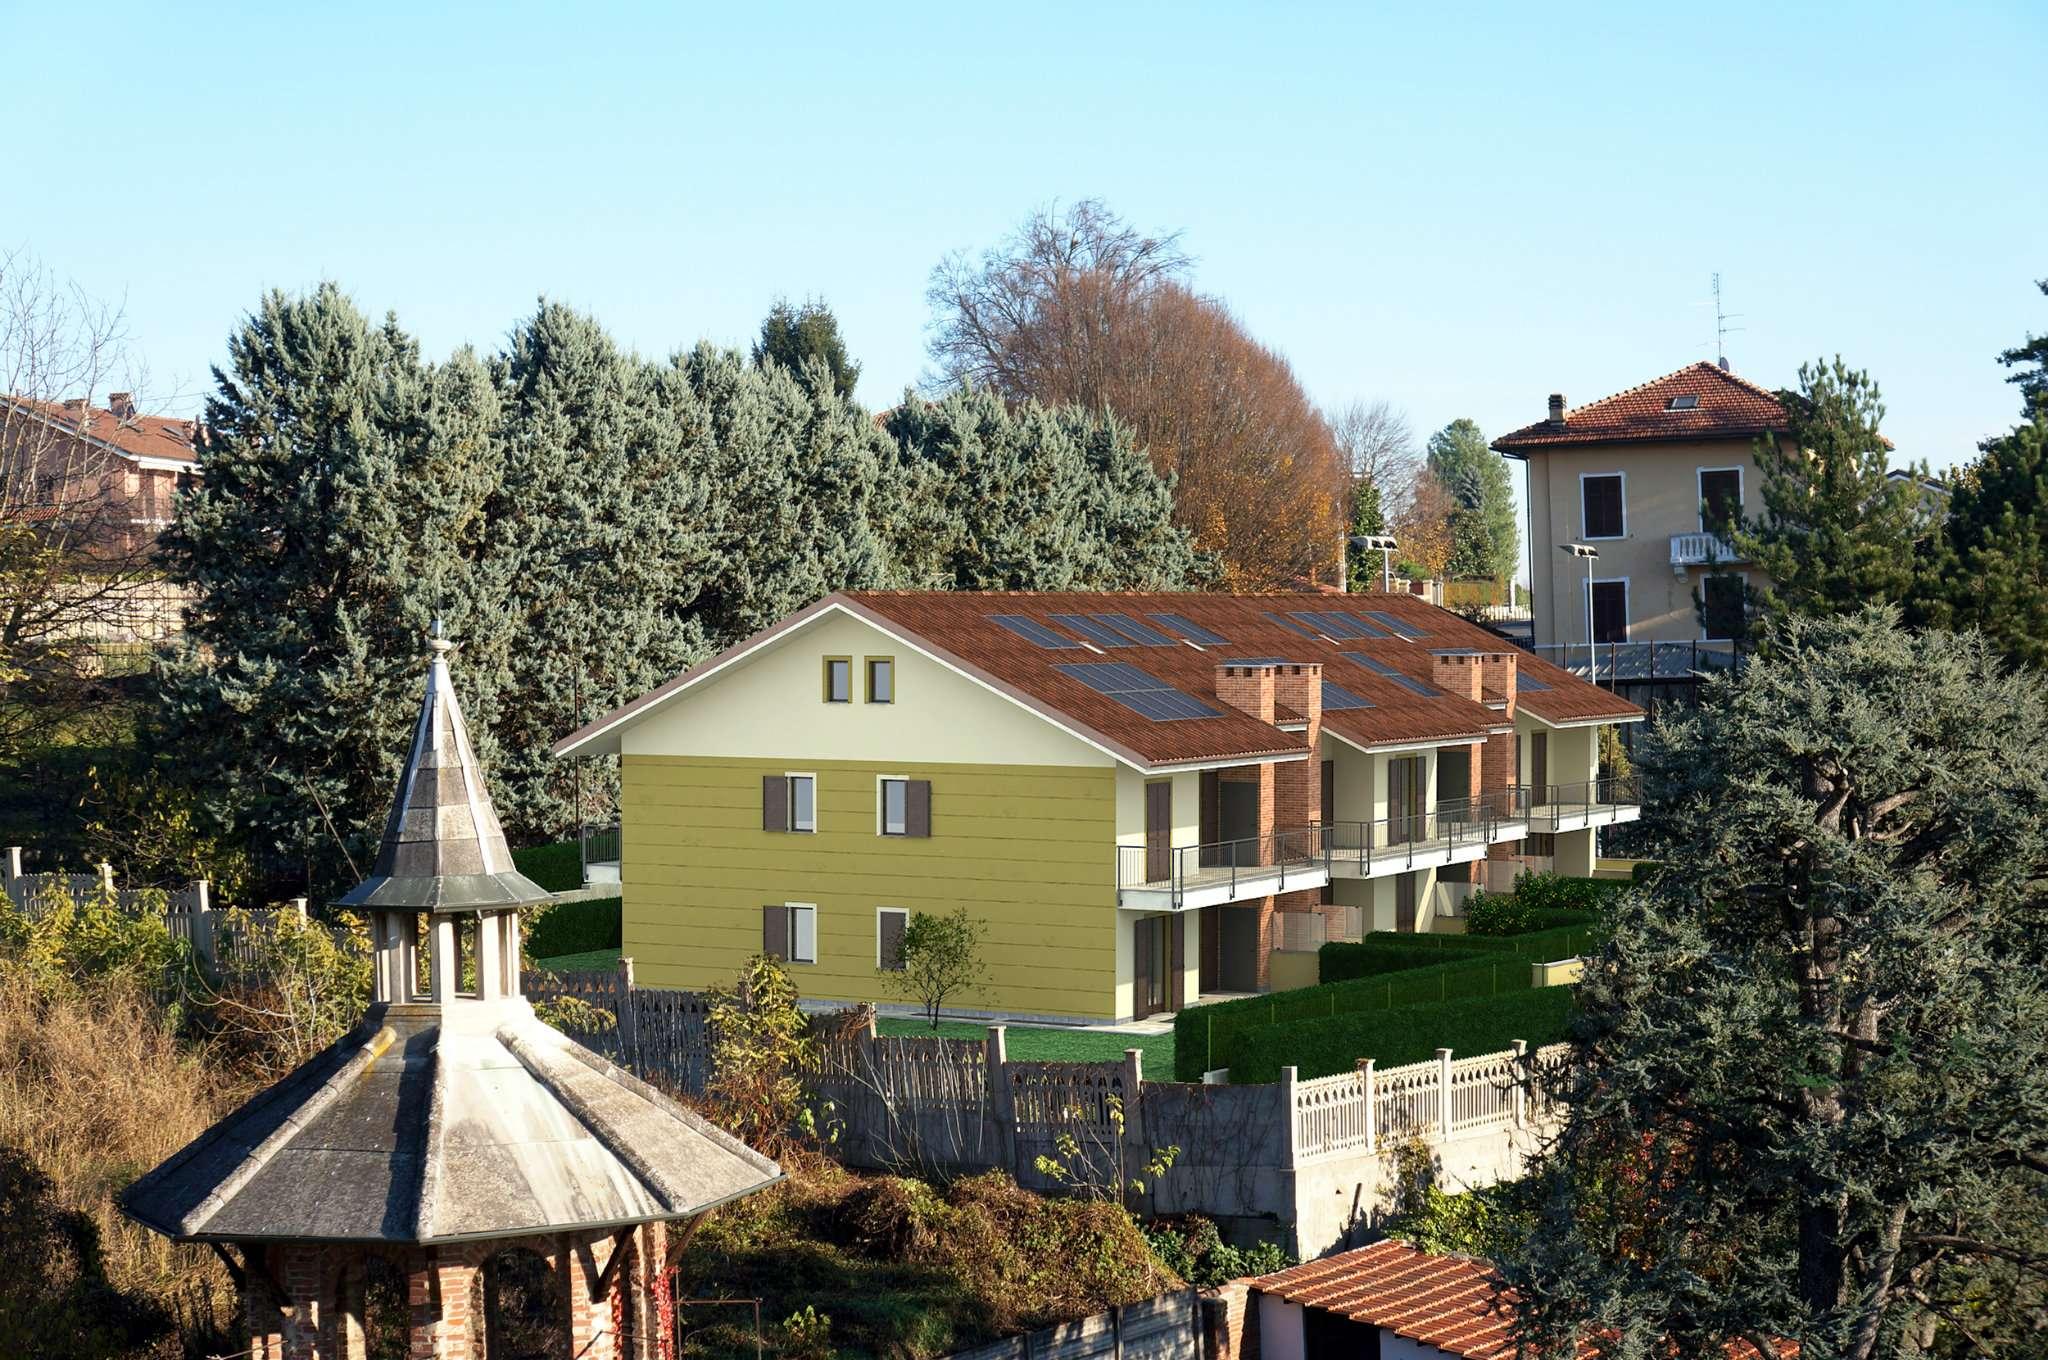 Appartamento in vendita a Trofarello, 4 locali, Trattative riservate | PortaleAgenzieImmobiliari.it